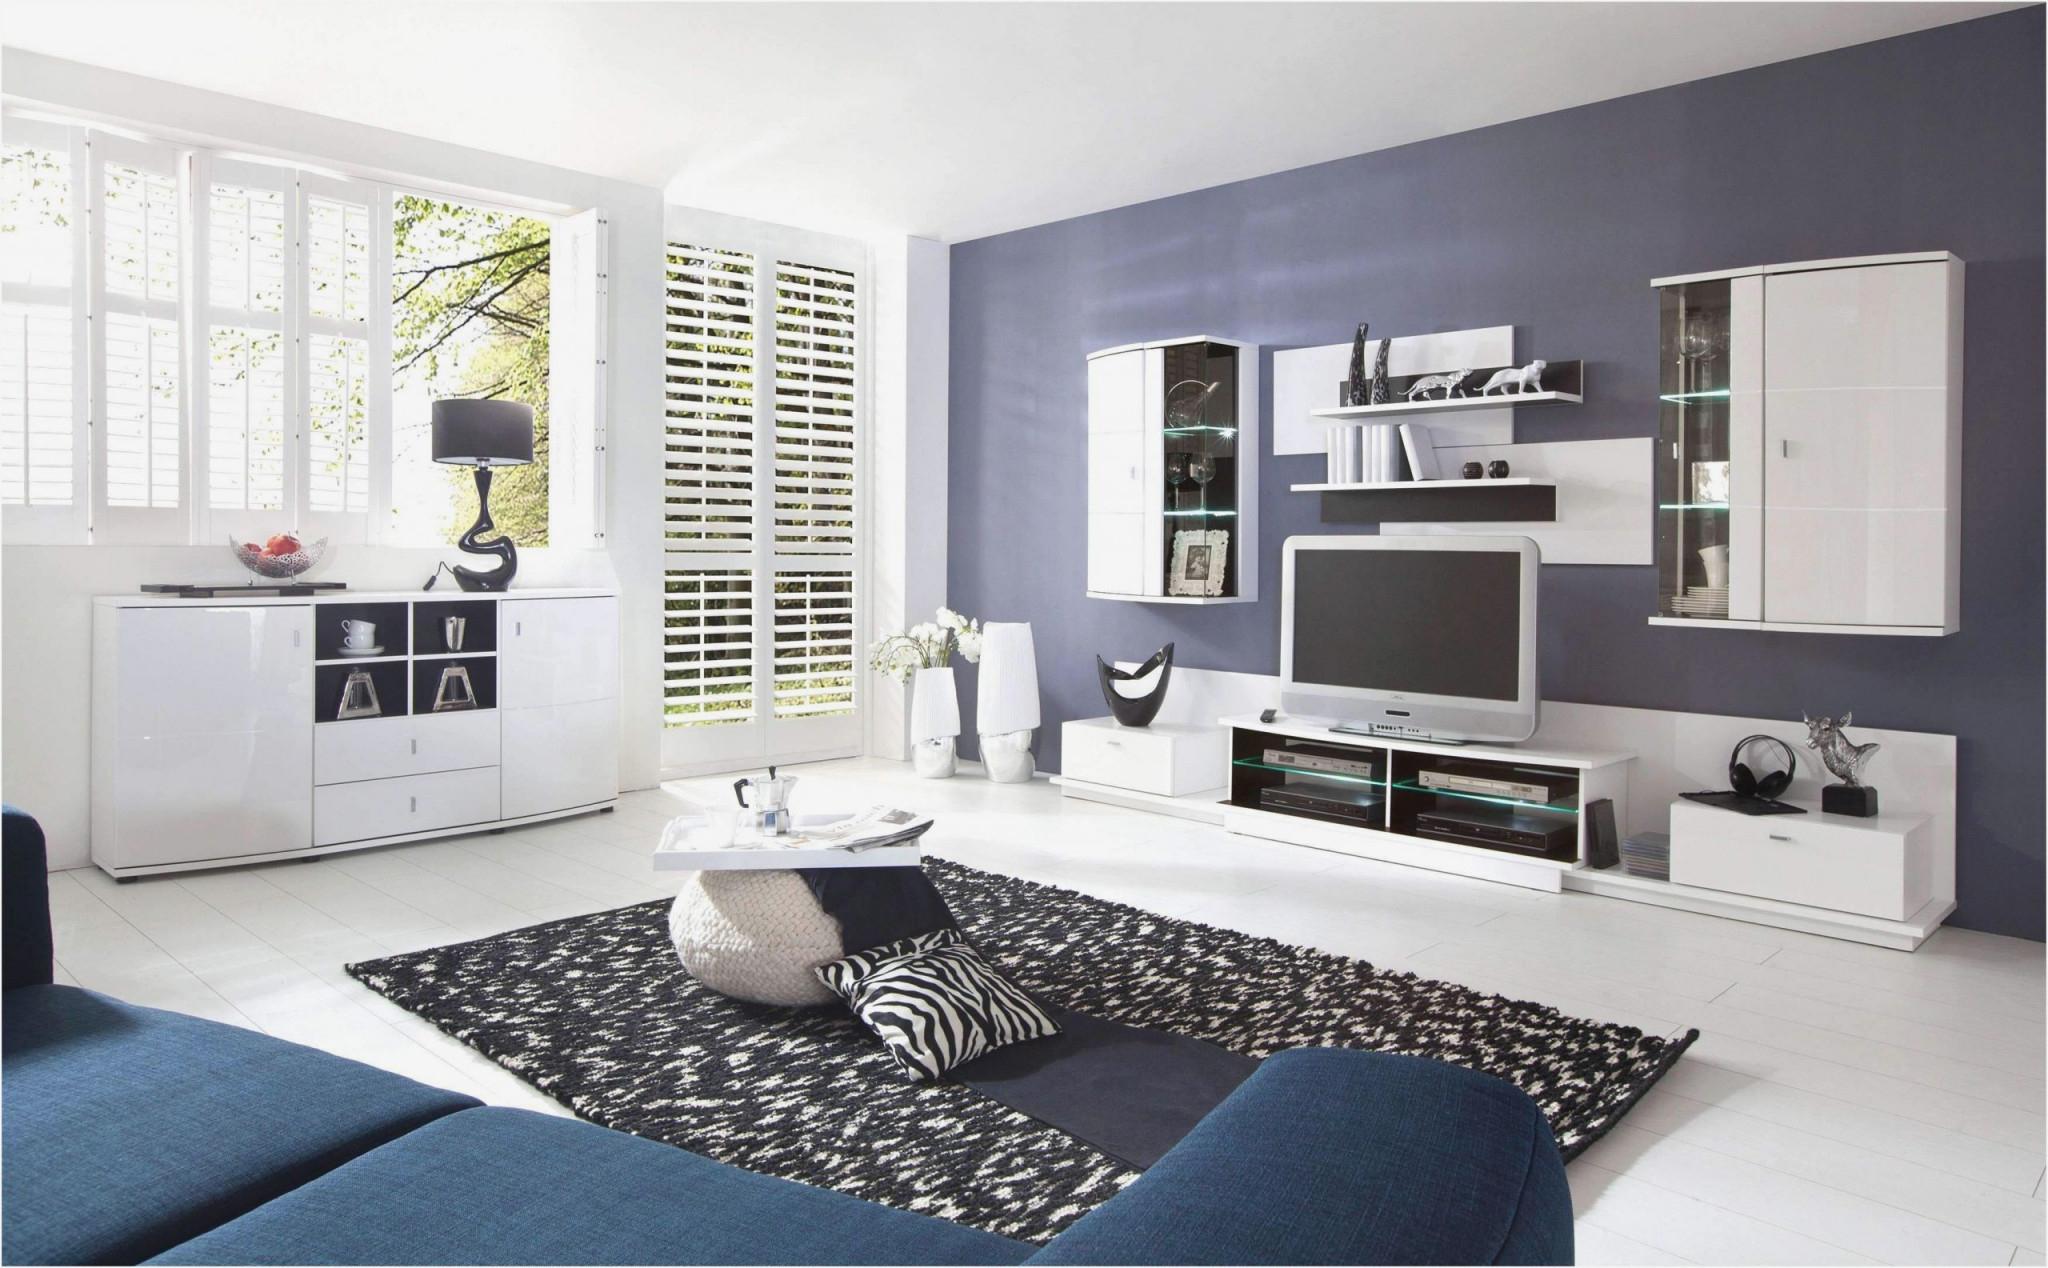 Schöne Wohnzimmer Deko Selber Machen  Wohnzimmer von Schöne Deko Wohnzimmer Bild